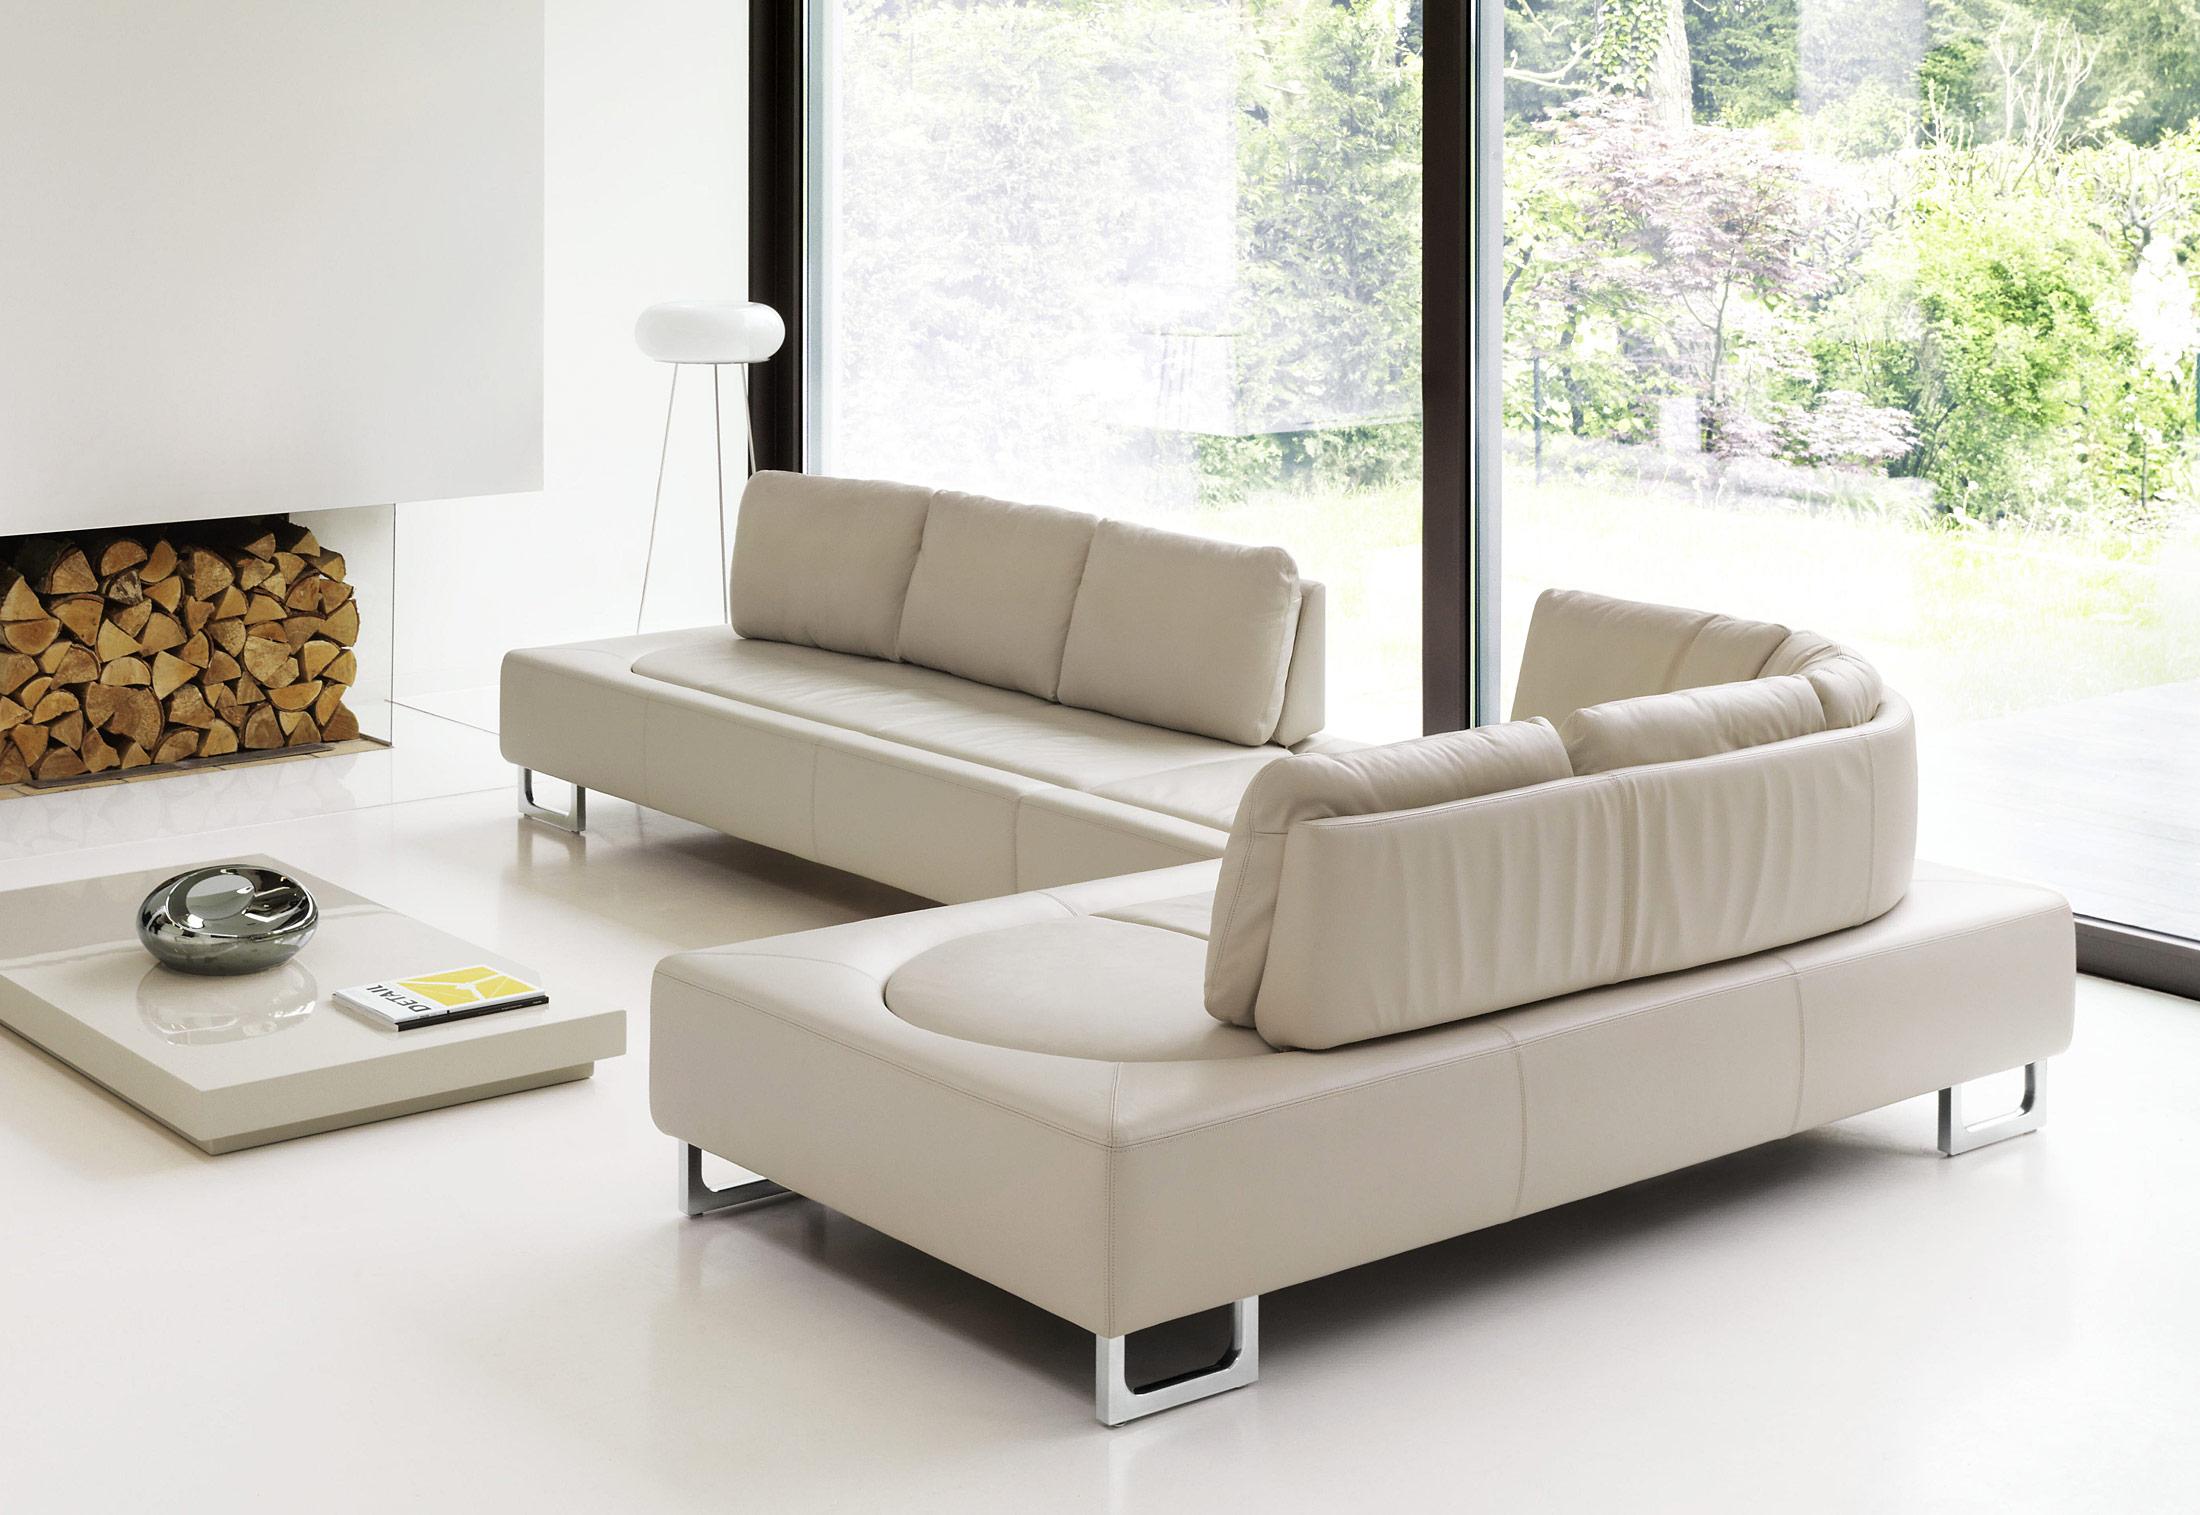 ds 165 corner sofa by de sede stylepark. Black Bedroom Furniture Sets. Home Design Ideas